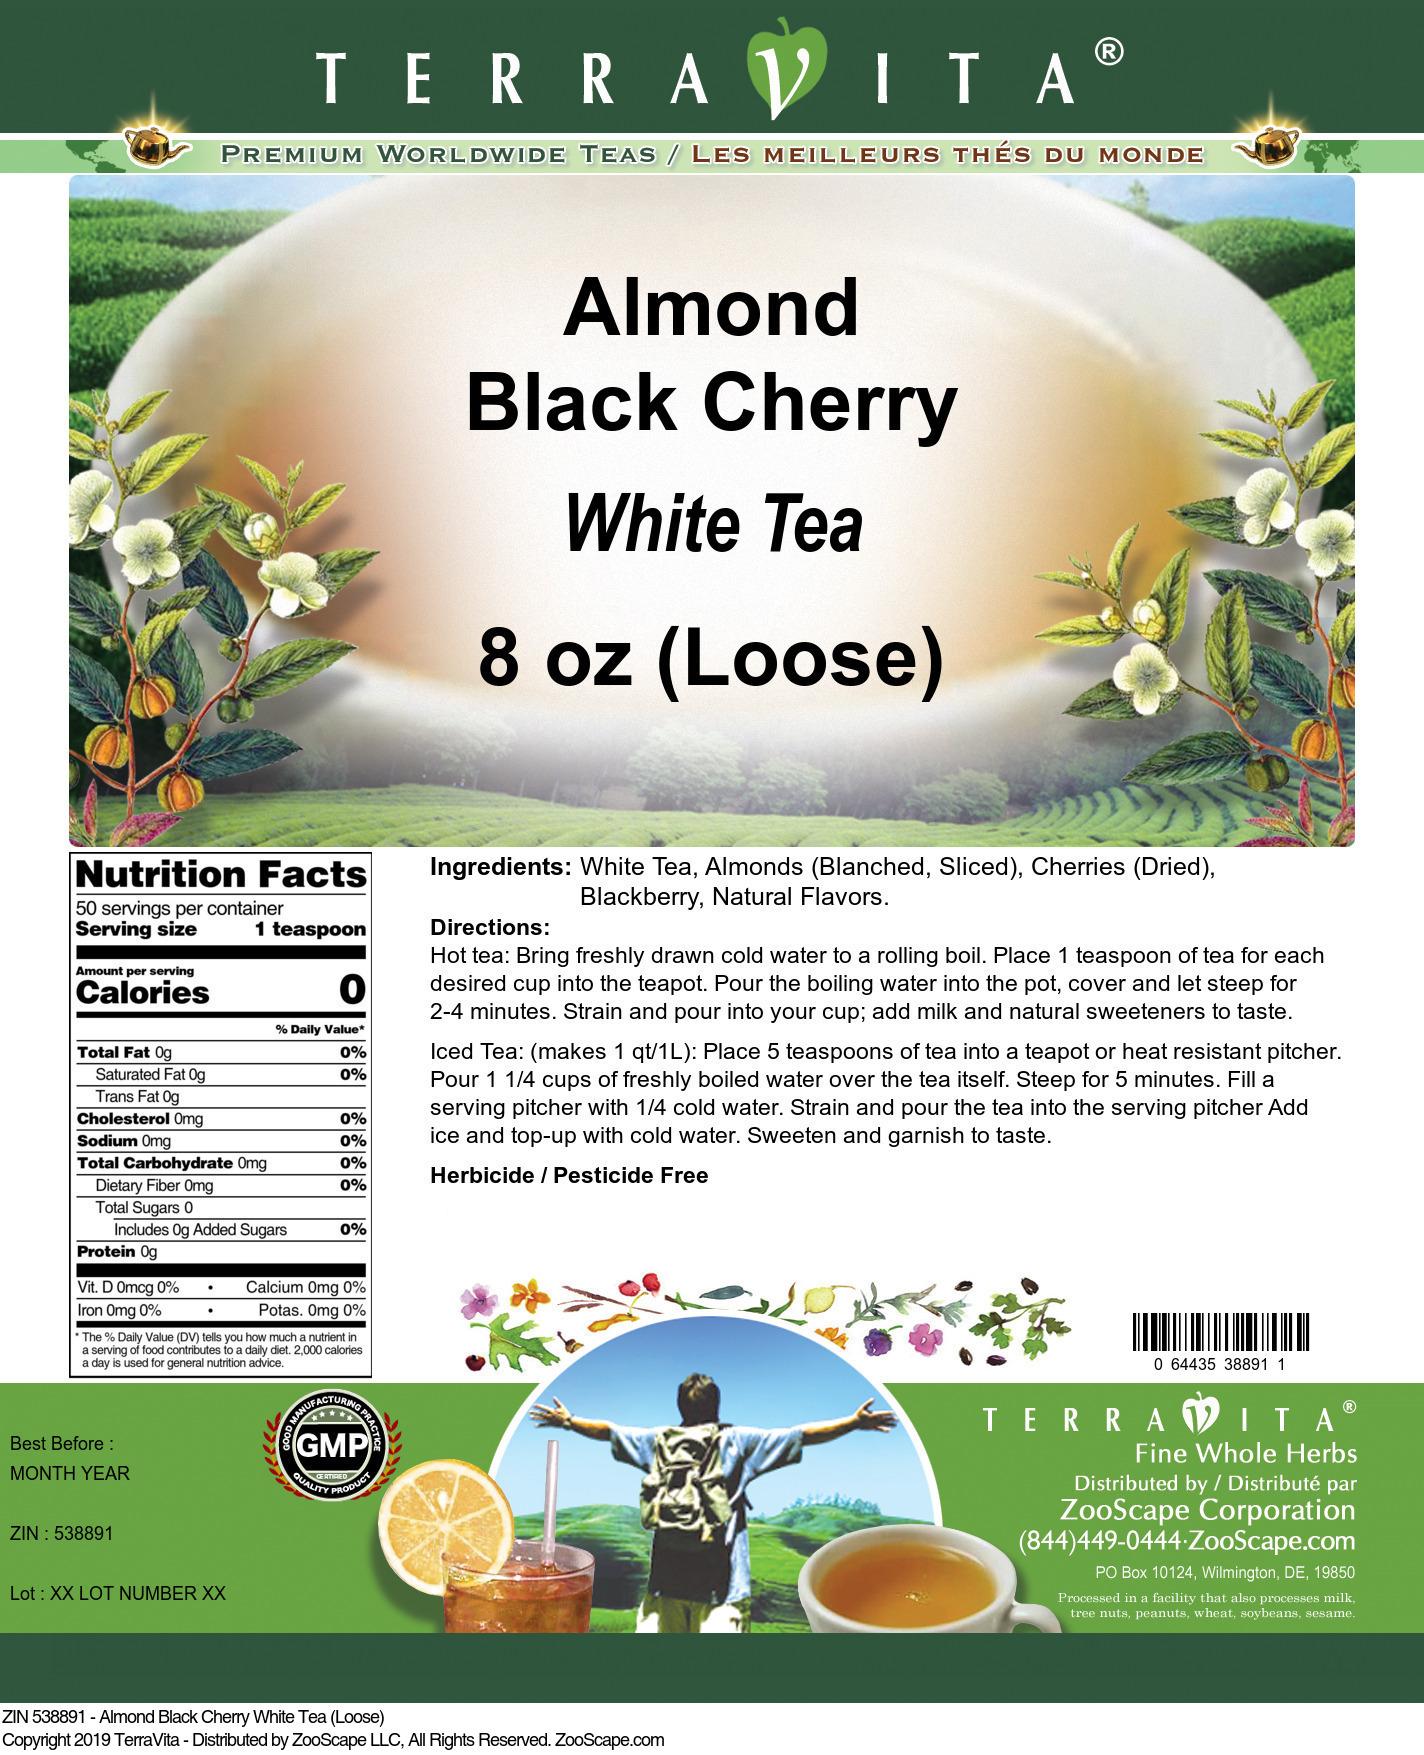 Almond Black Cherry White Tea (Loose)